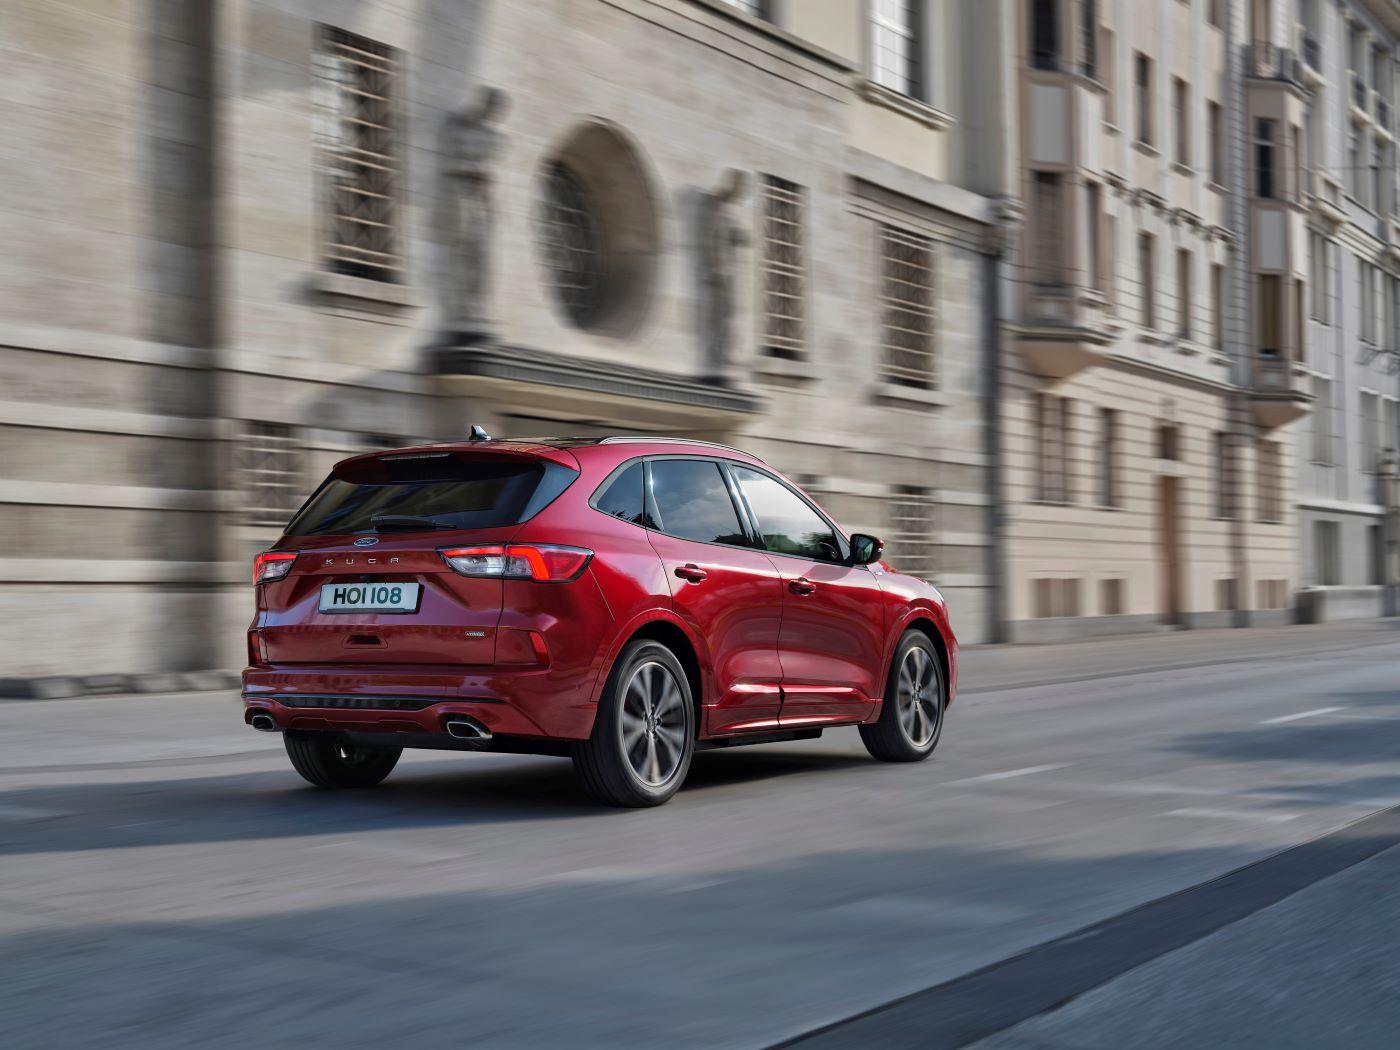 Nový Ford Kuga v Česku, půl milionu rozhodně nestačí